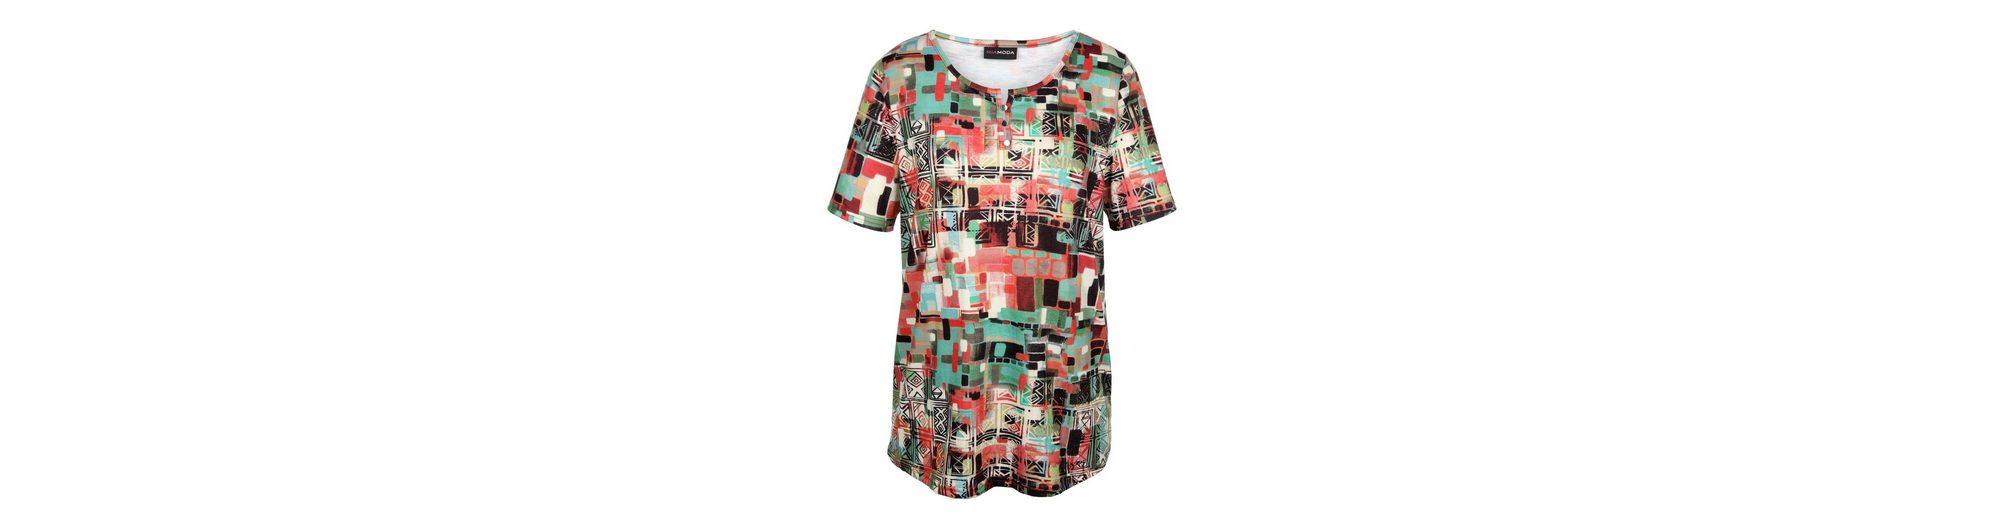 MIAMODA Shirt mit Knopfleiste am Ausschnitt Billig Verkauf Mit Mastercard Billig Günstig Online Wie Viel 7zQWIT